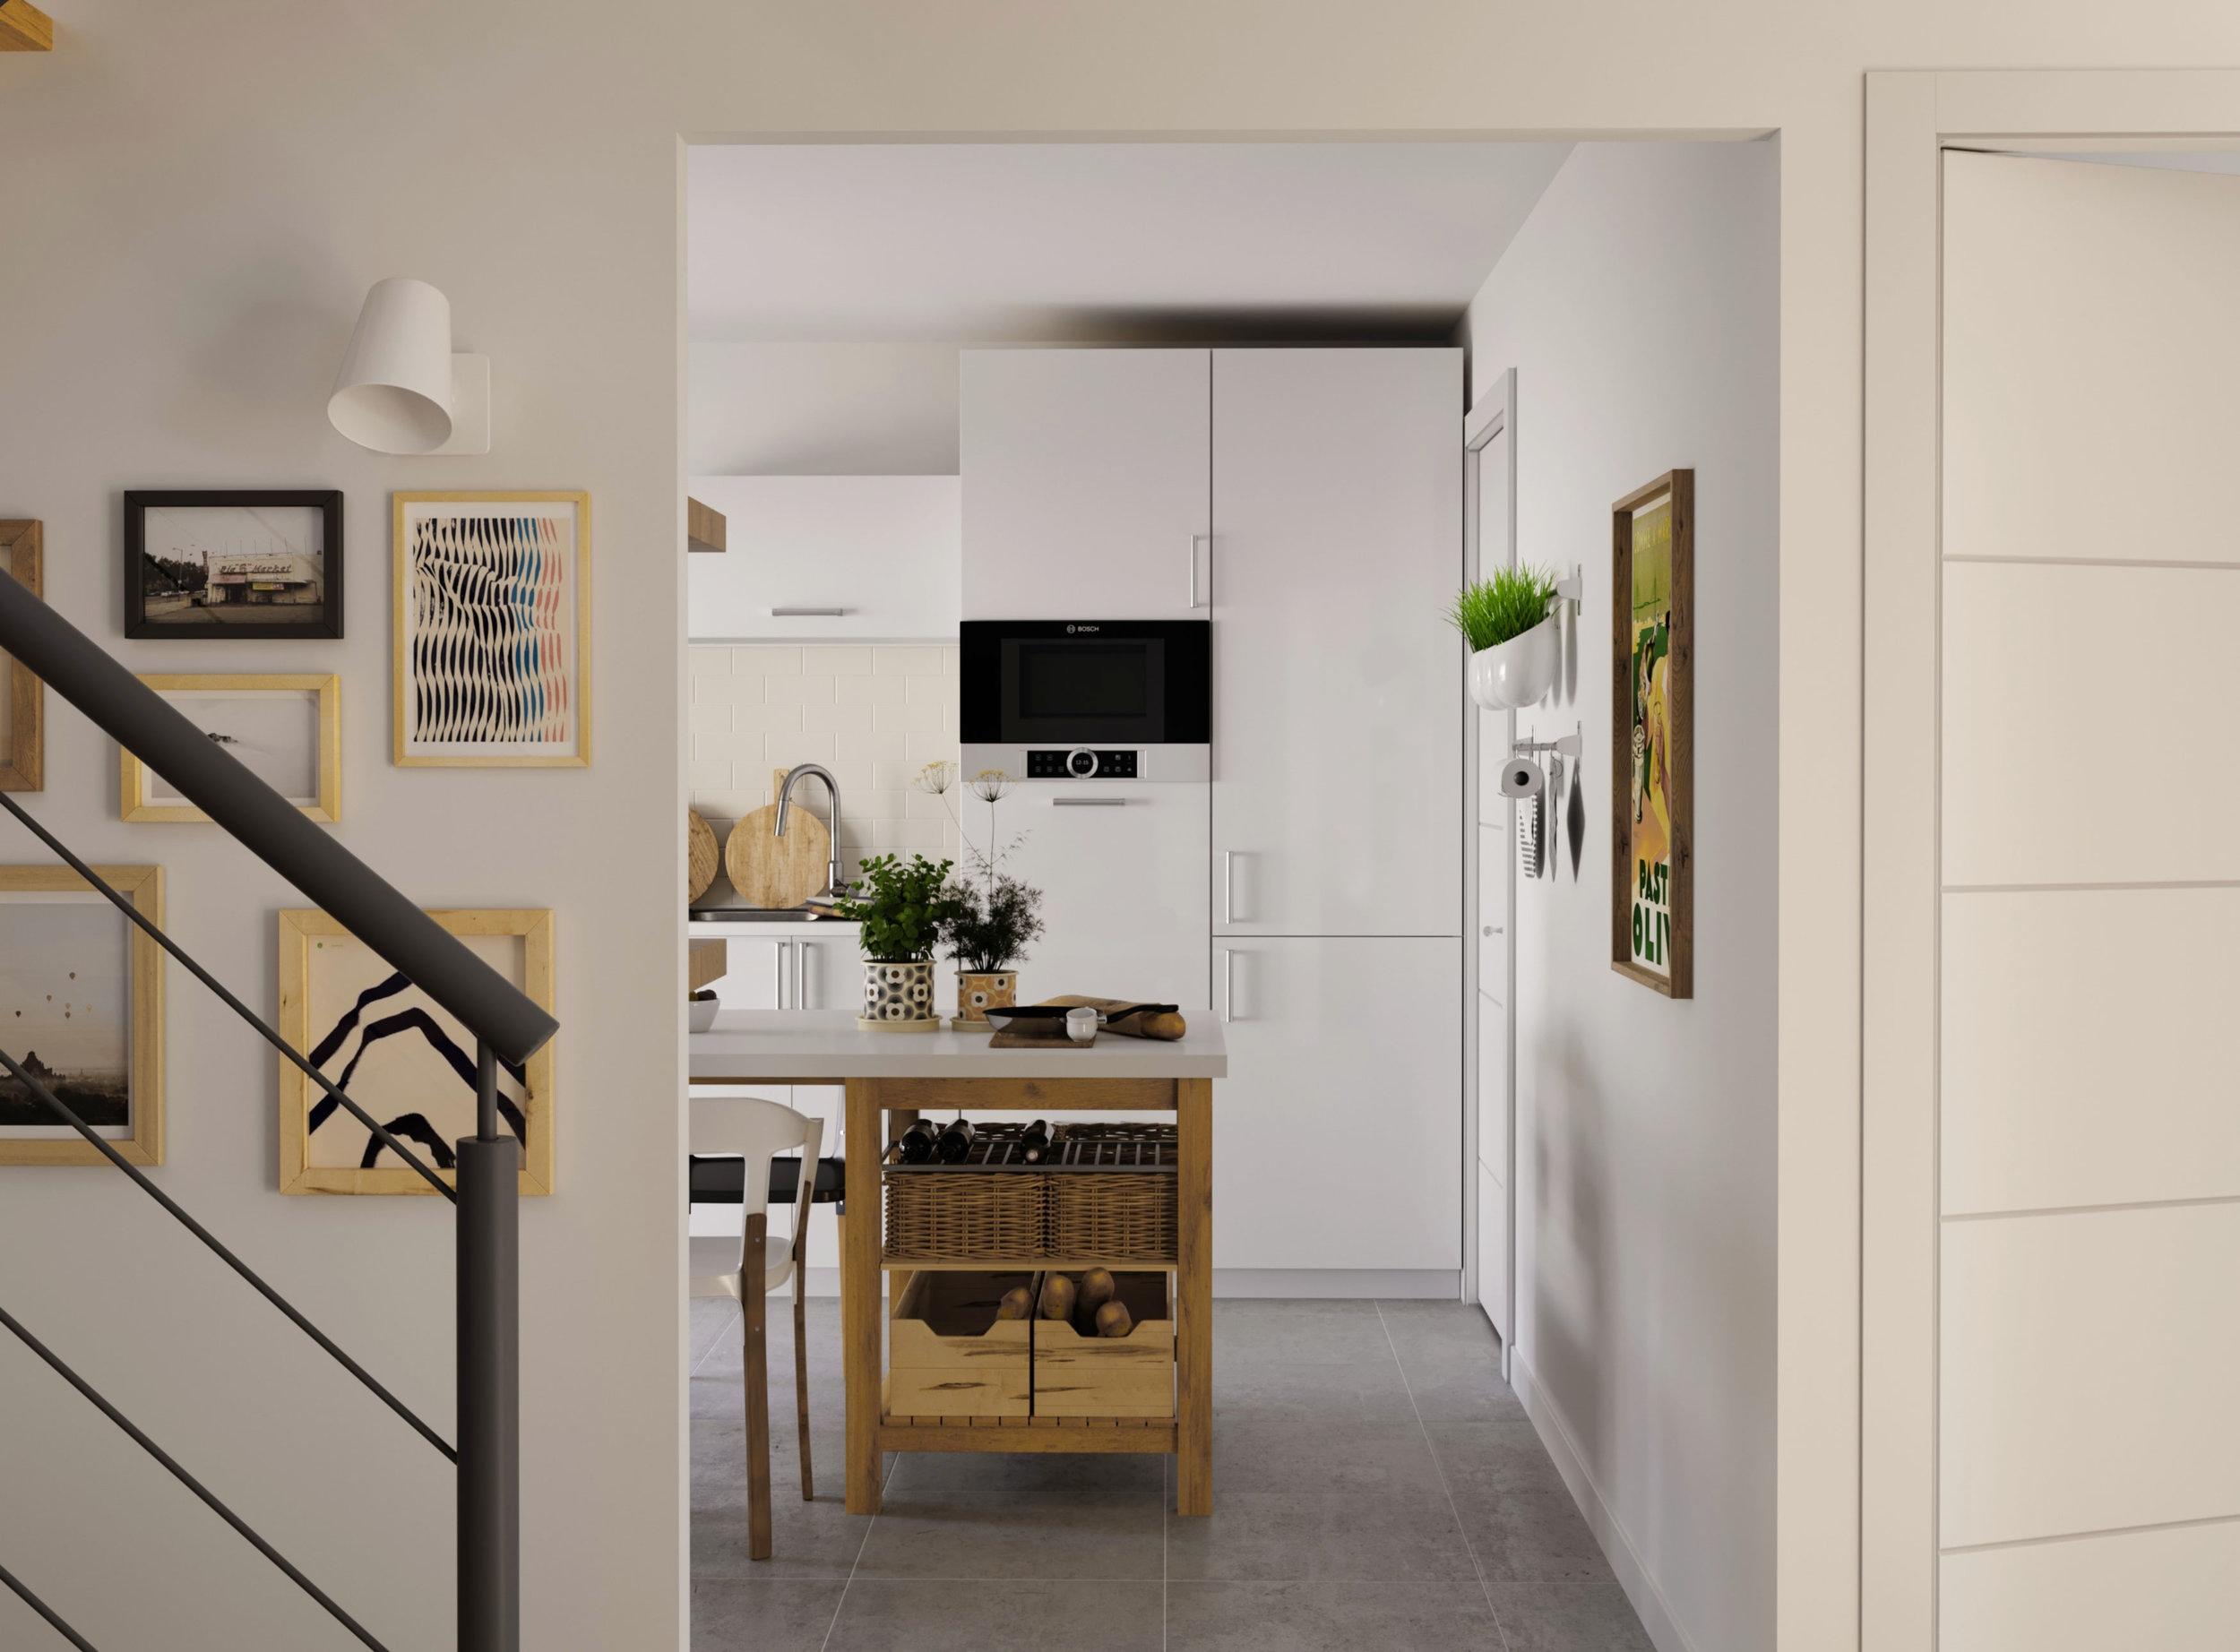 T4_kitchen_001.jpg